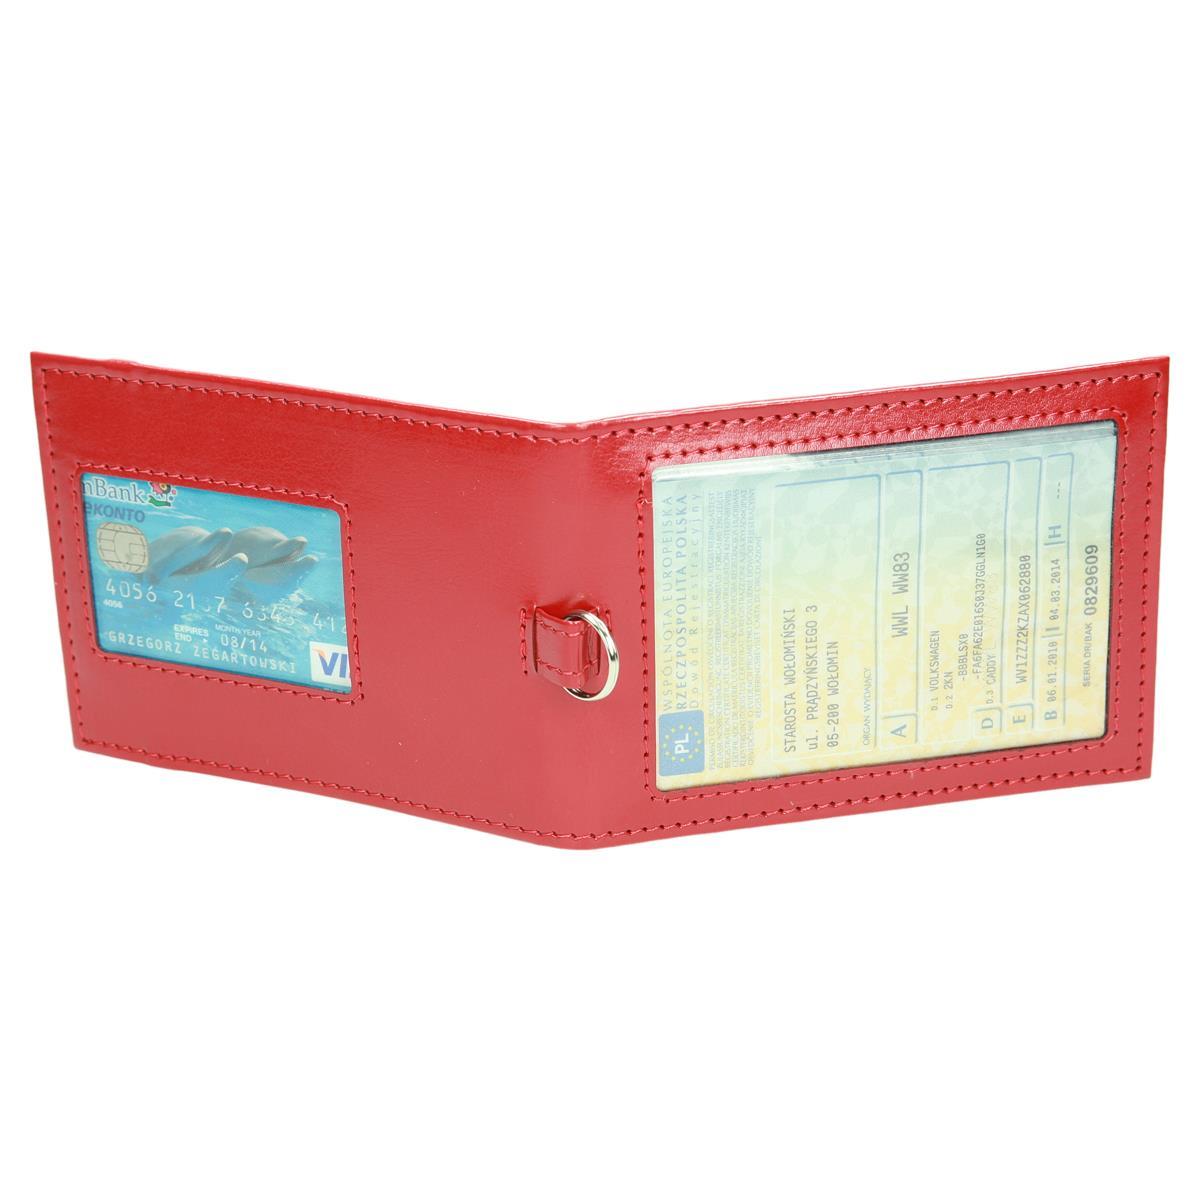 Etui z okienkiem na kartę i dowód rejestracyjny 0949_1 Etui na dokumenty